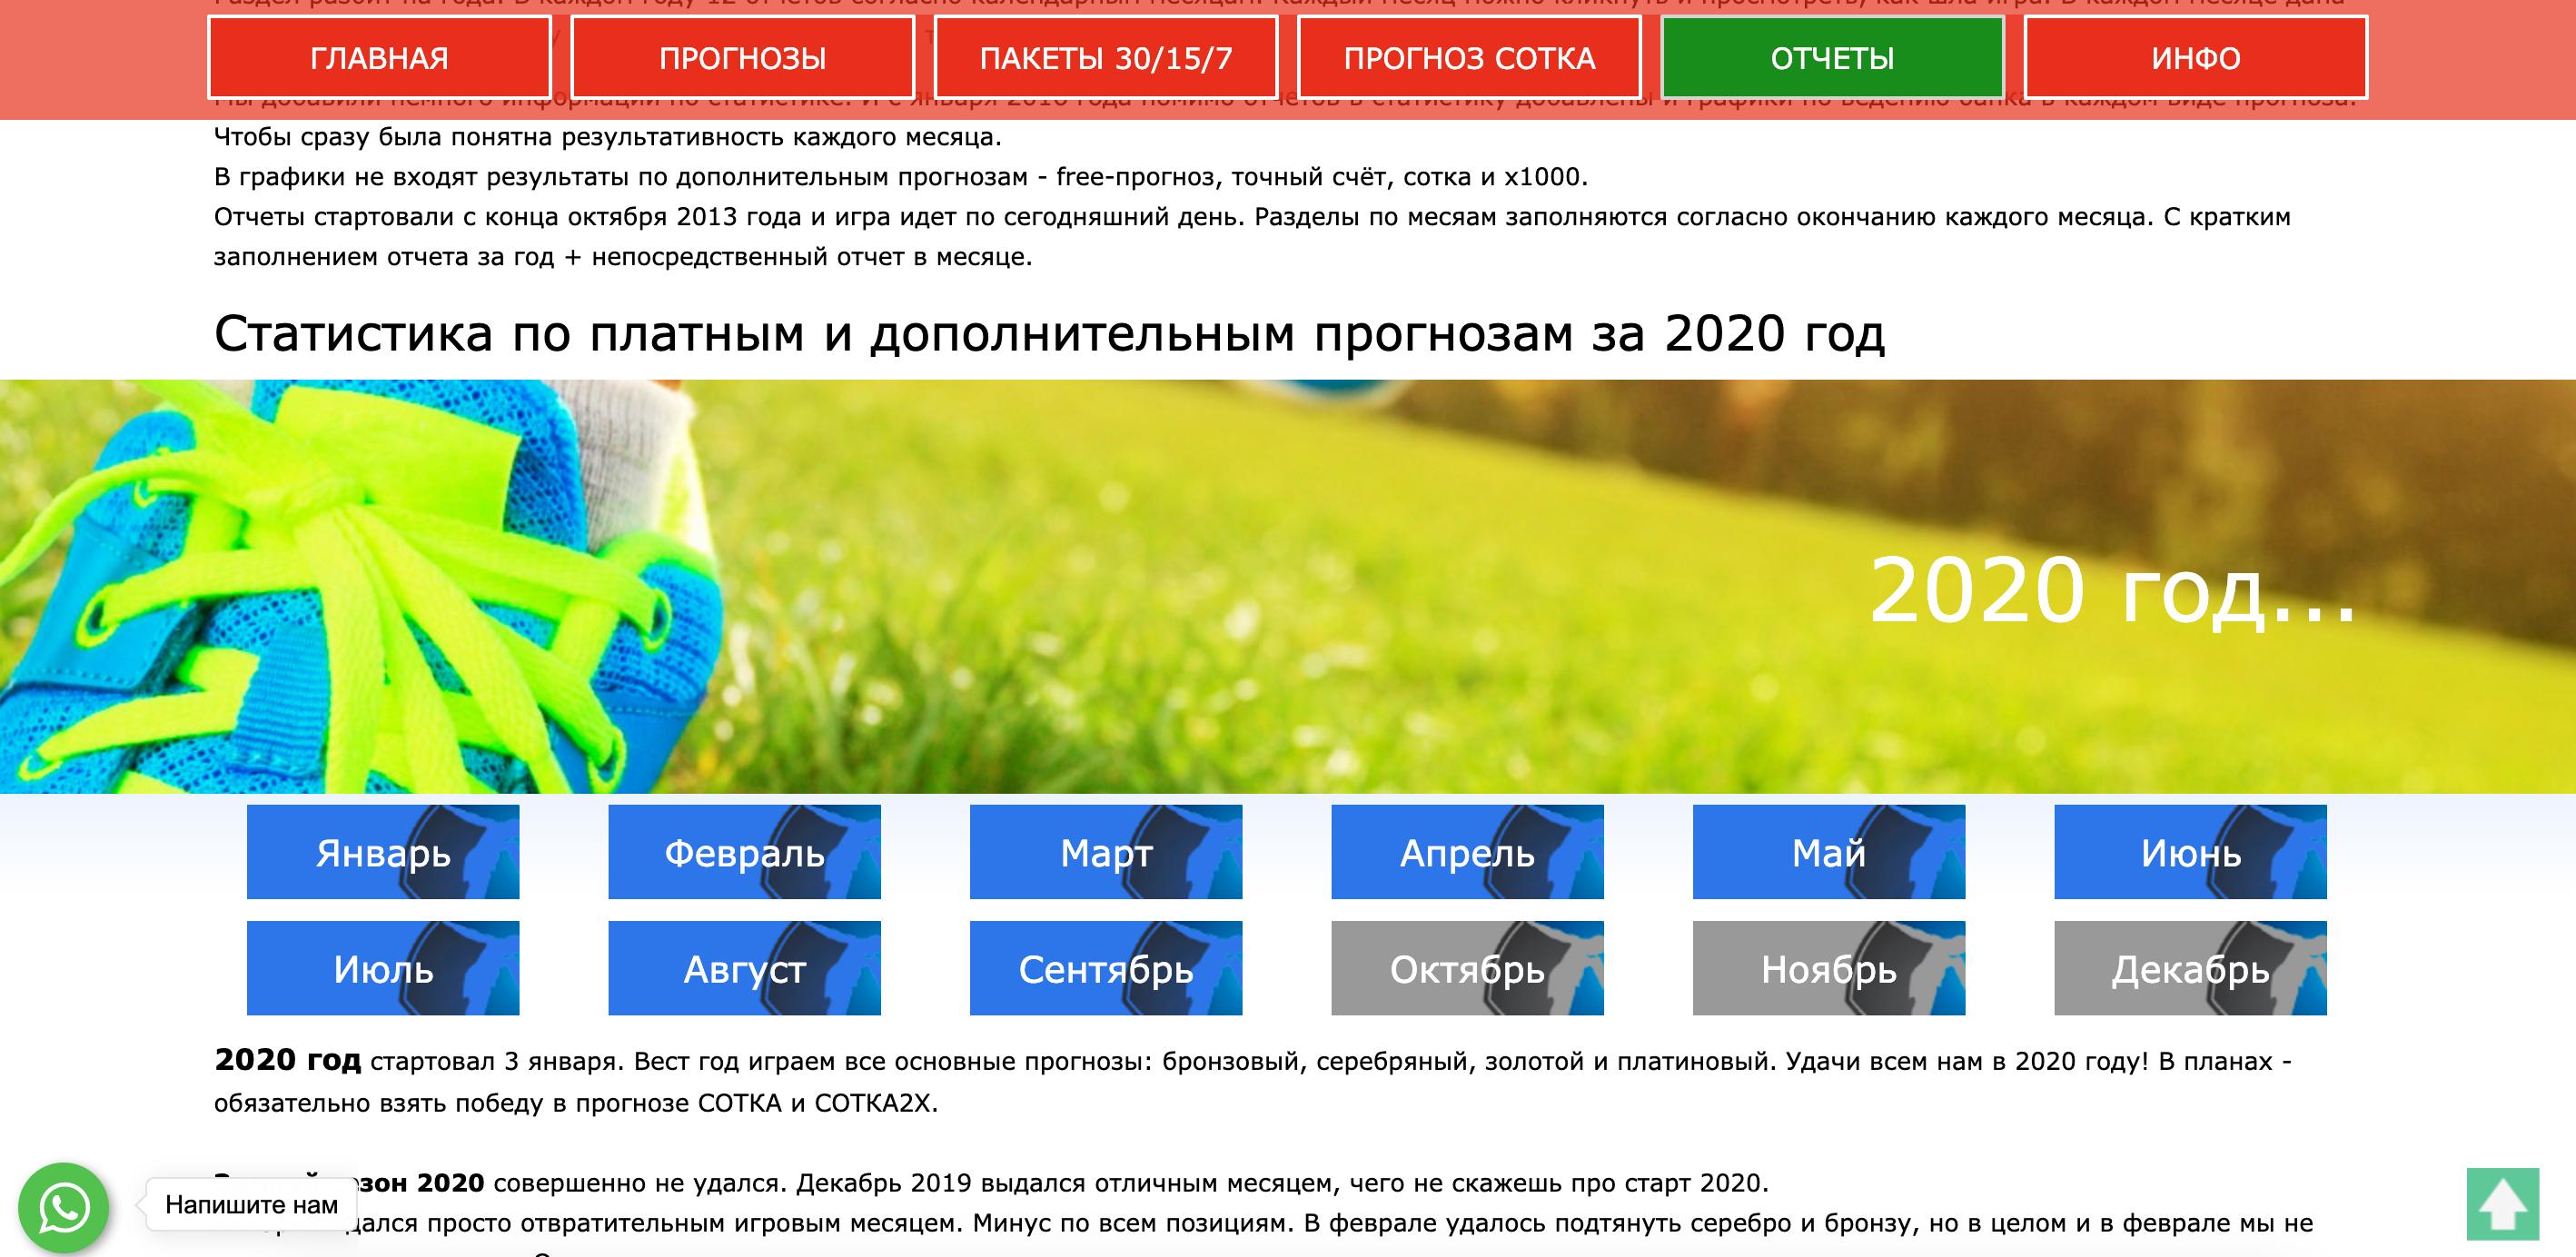 Статистика матчей на сайте stavka-prognoz.ru